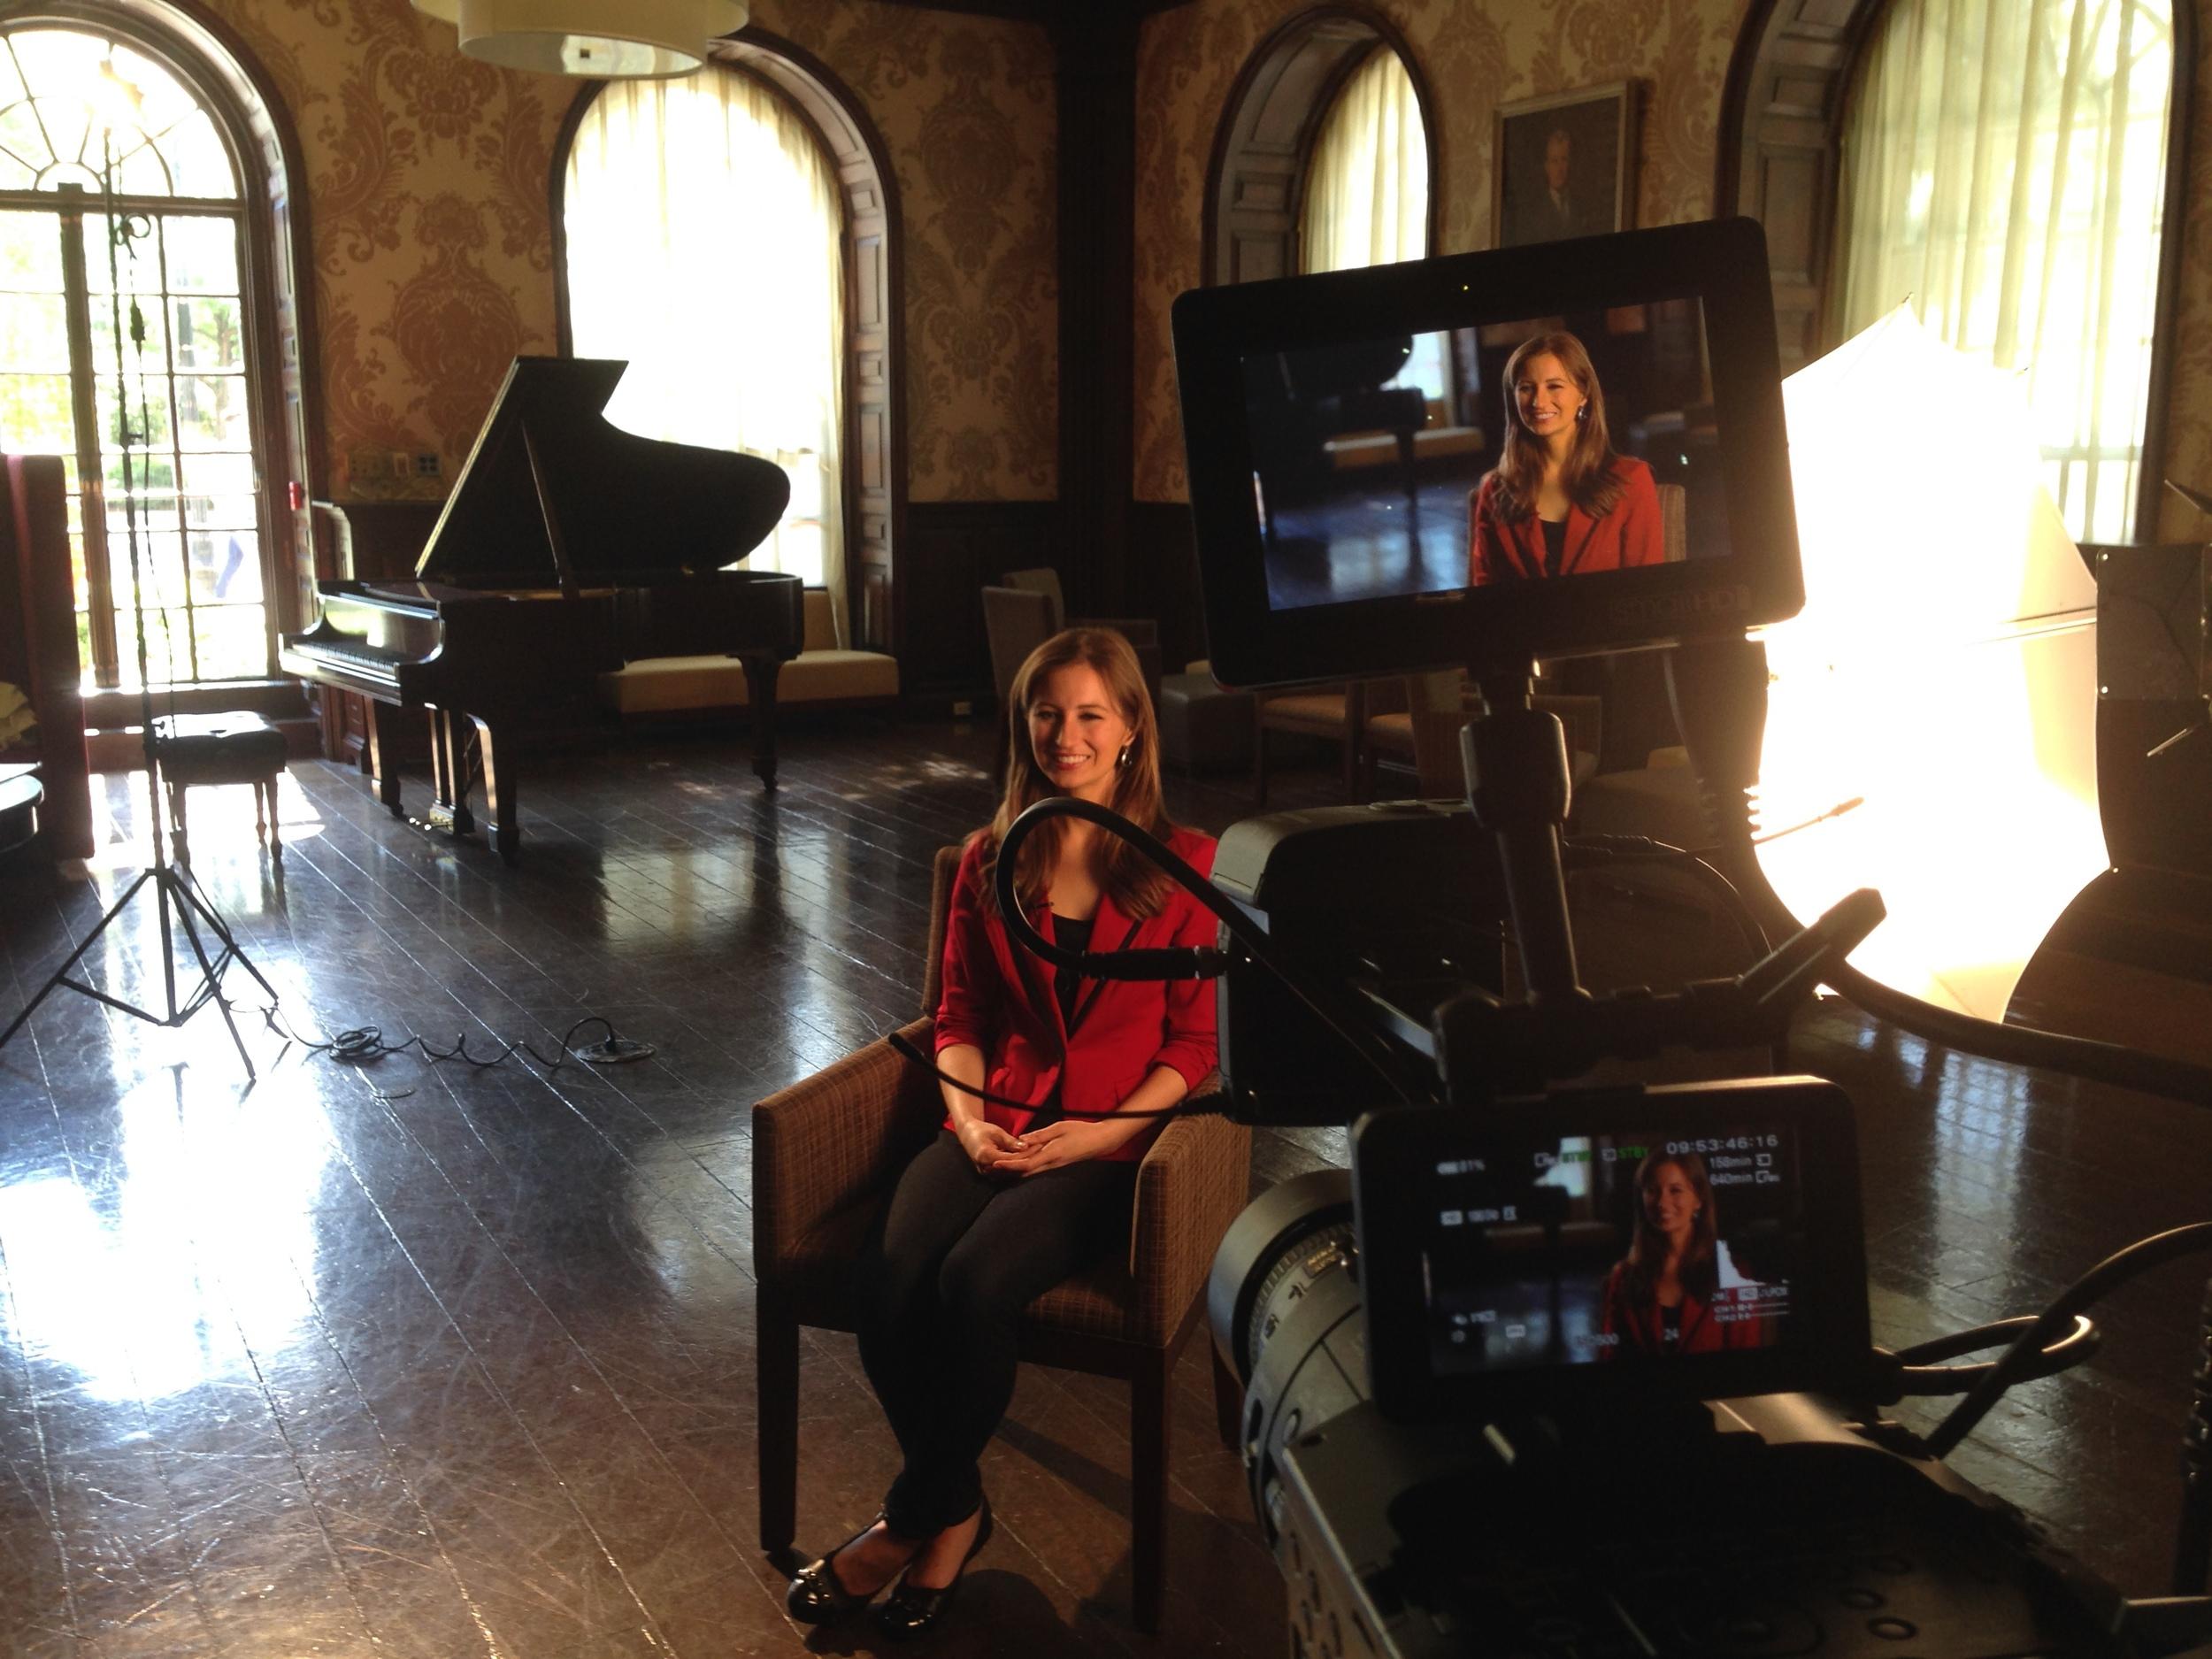 Behind the scenes with Lauren Kuhn, Miss Massachusetts 2014. Render Edge Media